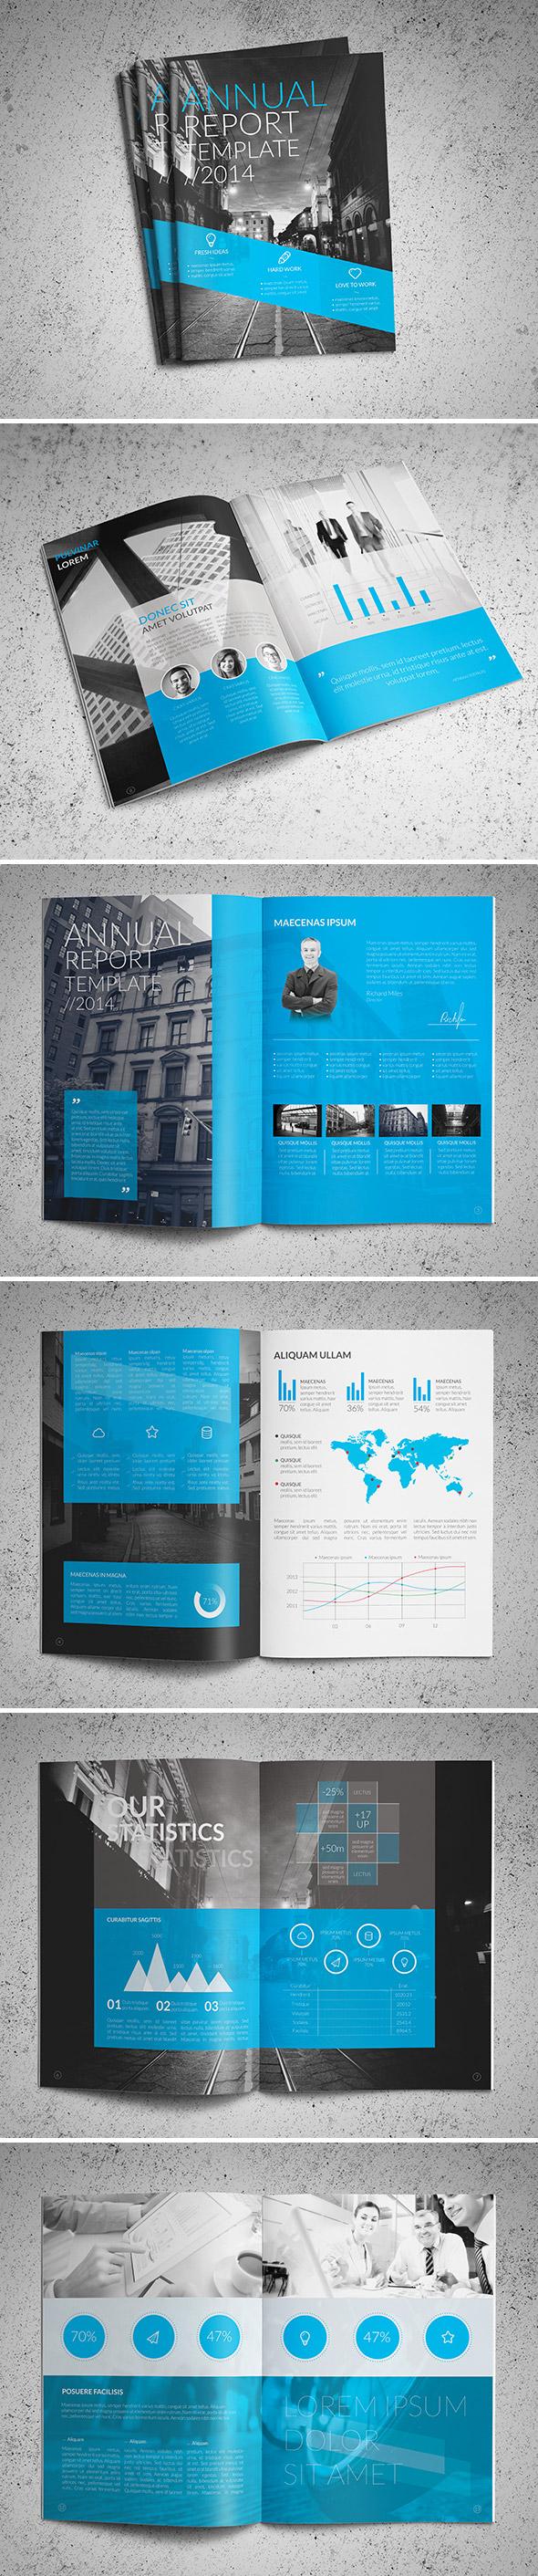 elegant annual report design